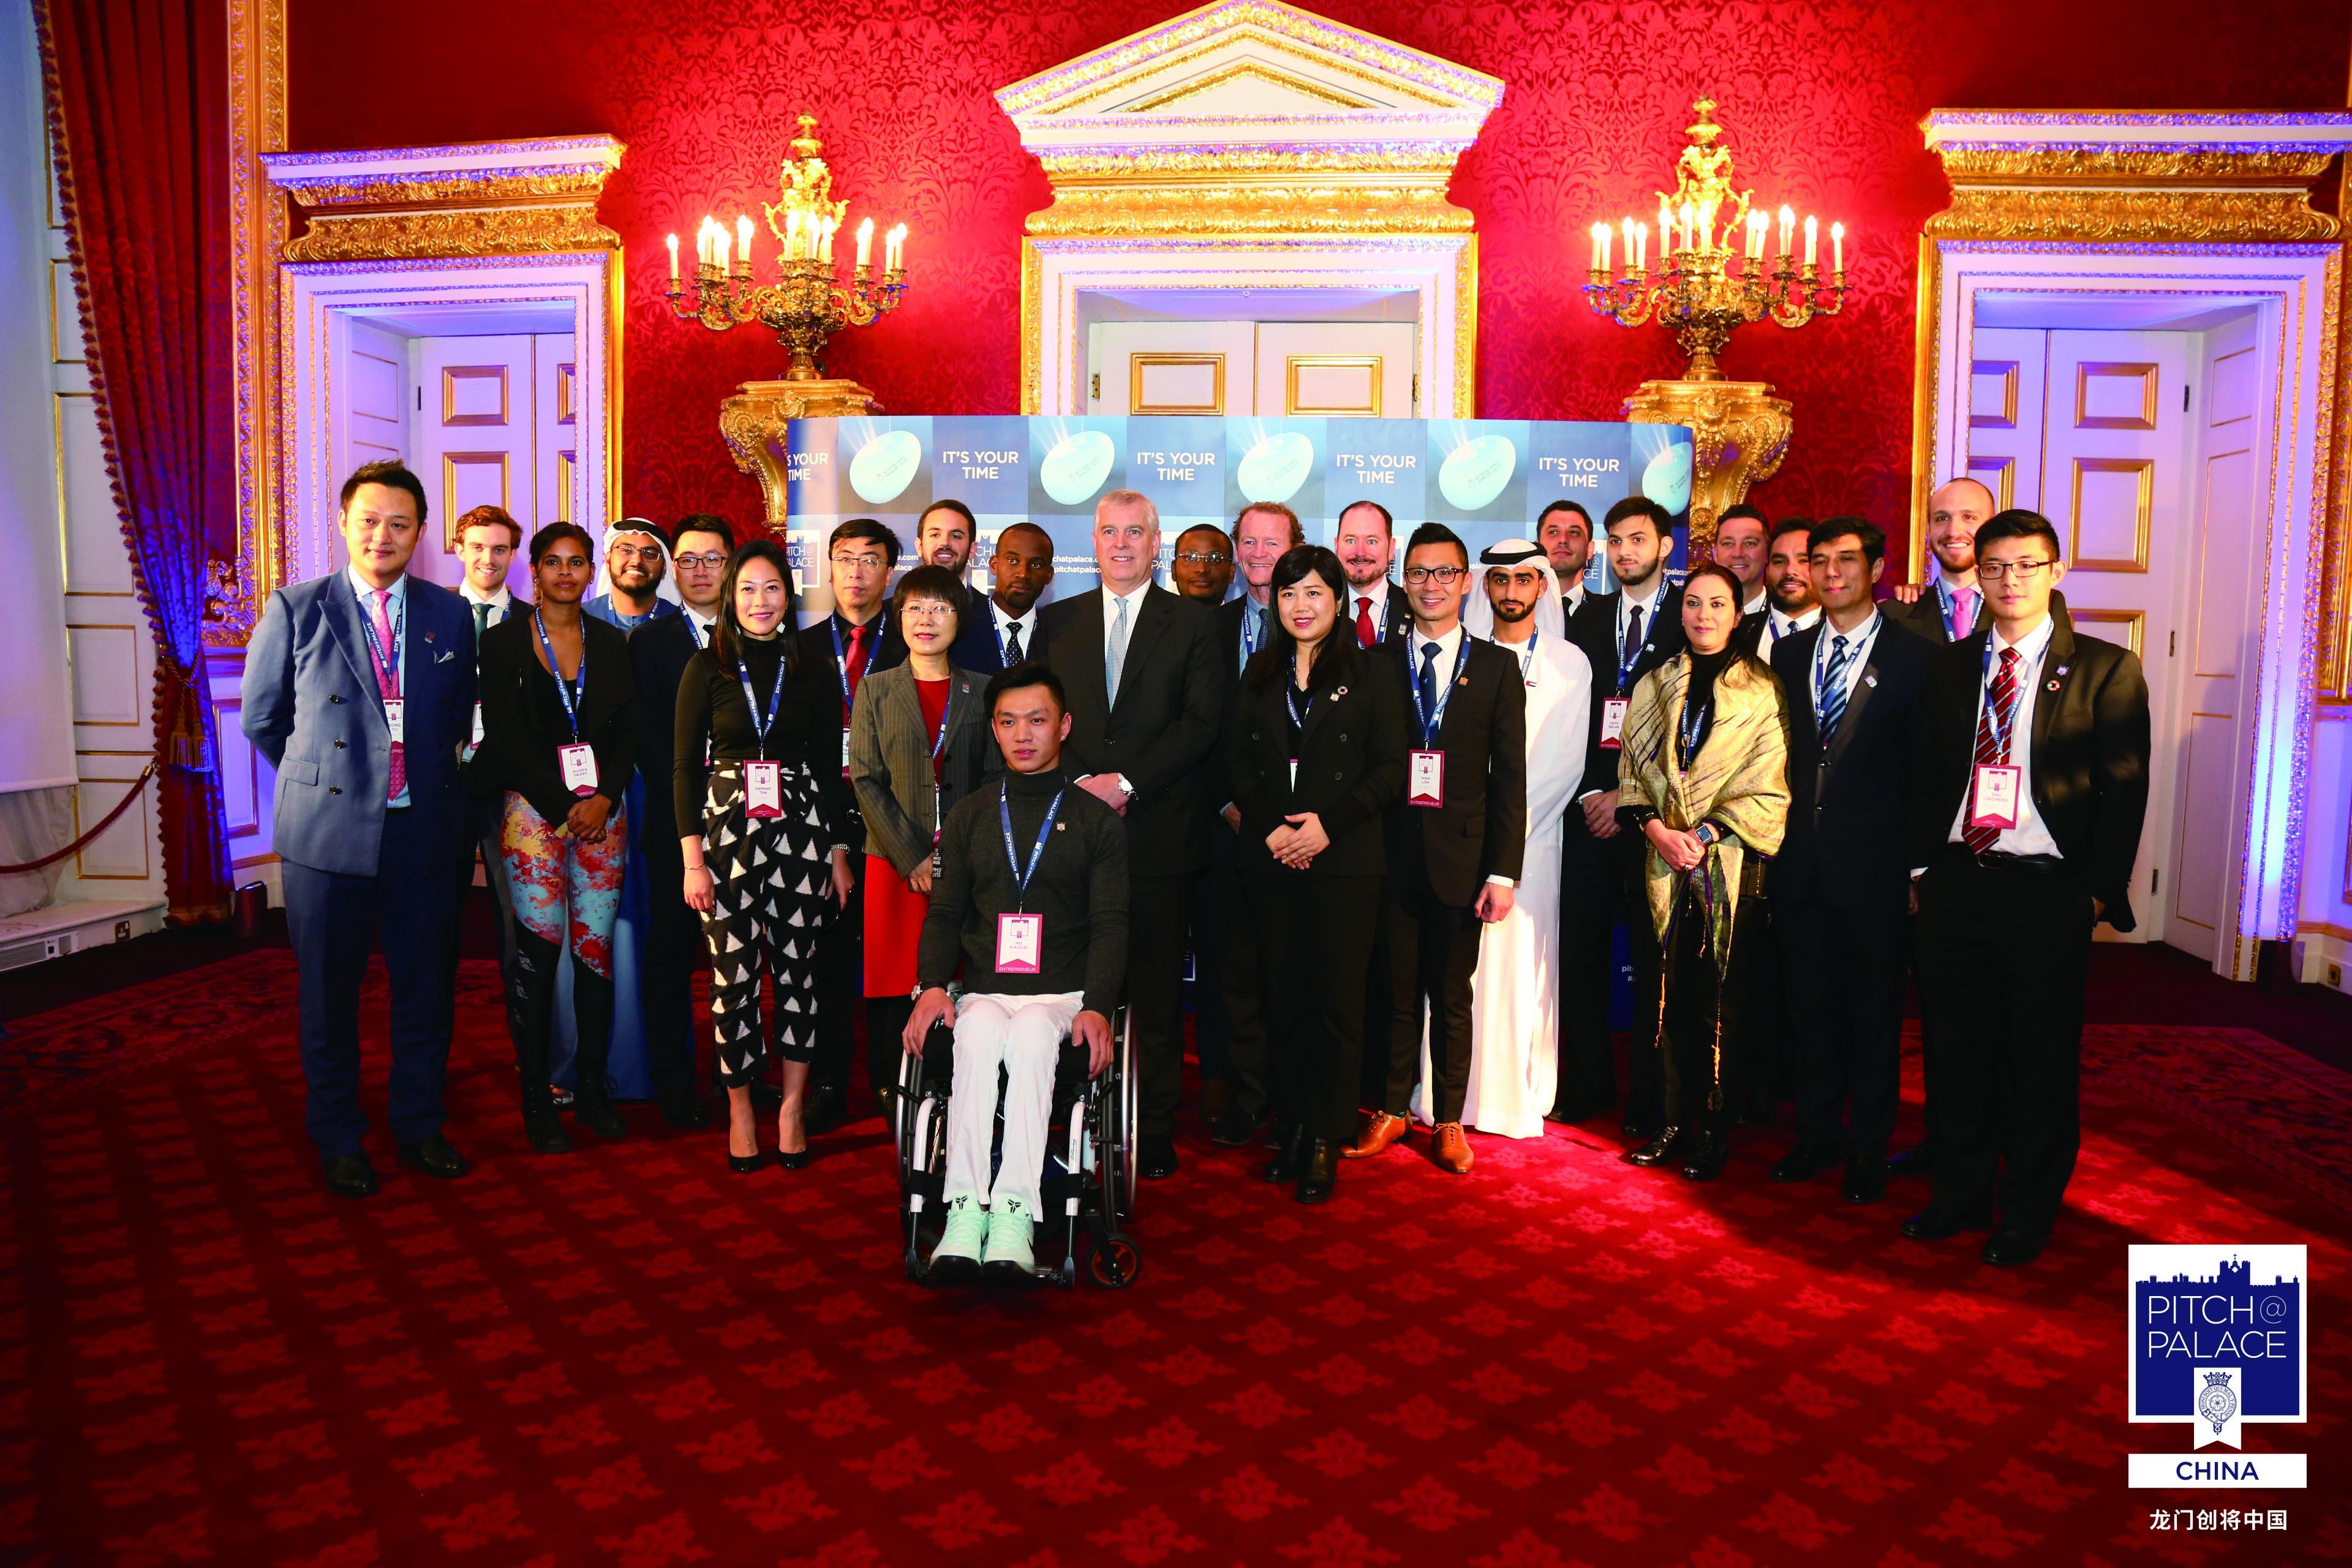 """图注:2017年12月,""""龙门创将""""全球总决赛在英国伦敦圣詹姆斯宫举行,中国创业代表队首次集体亮相英国皇宫。"""